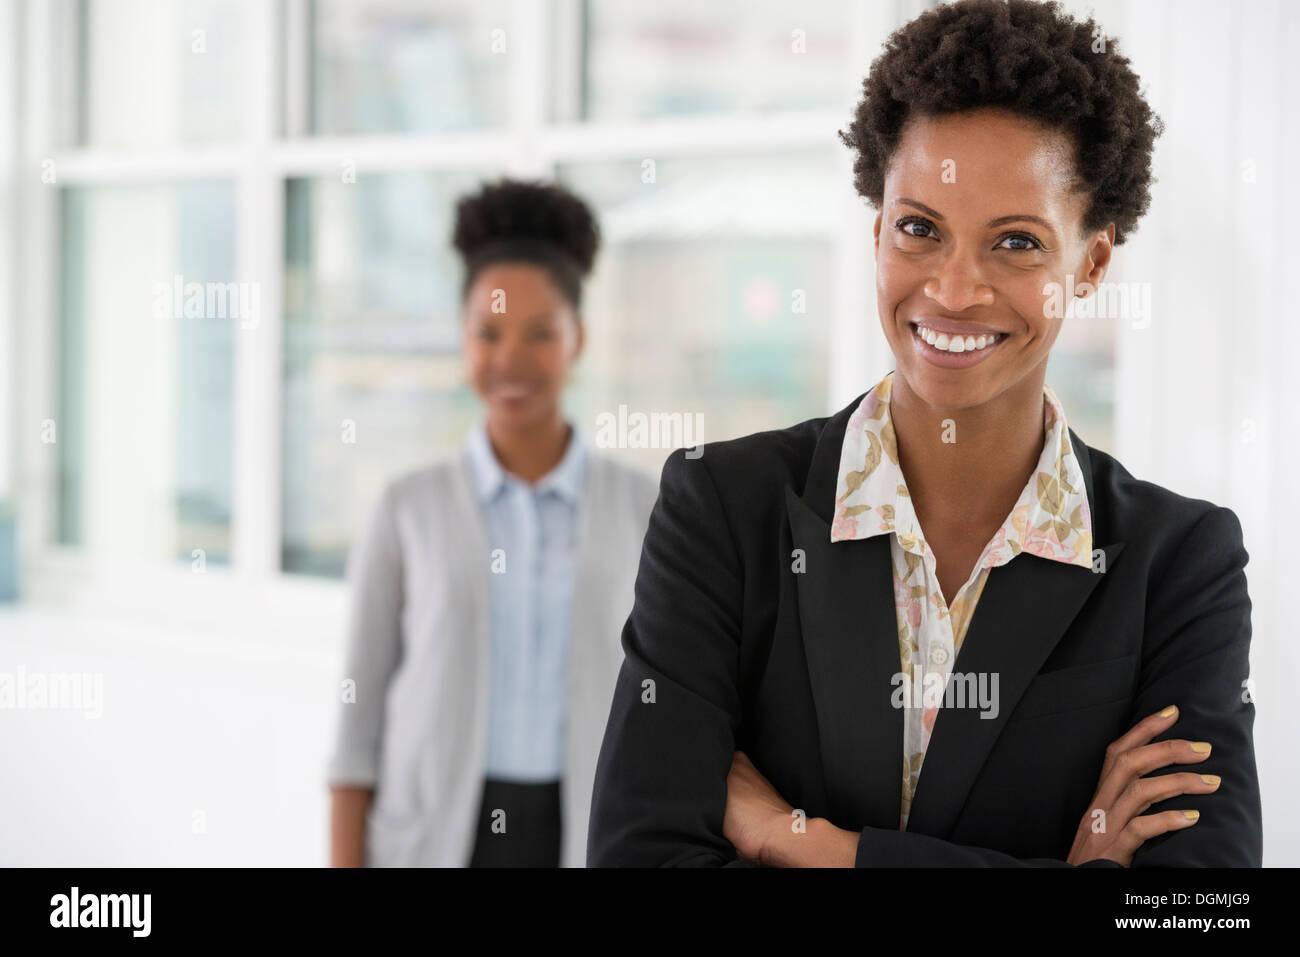 Les gens d'affaires. Deux femmes. Photo Stock